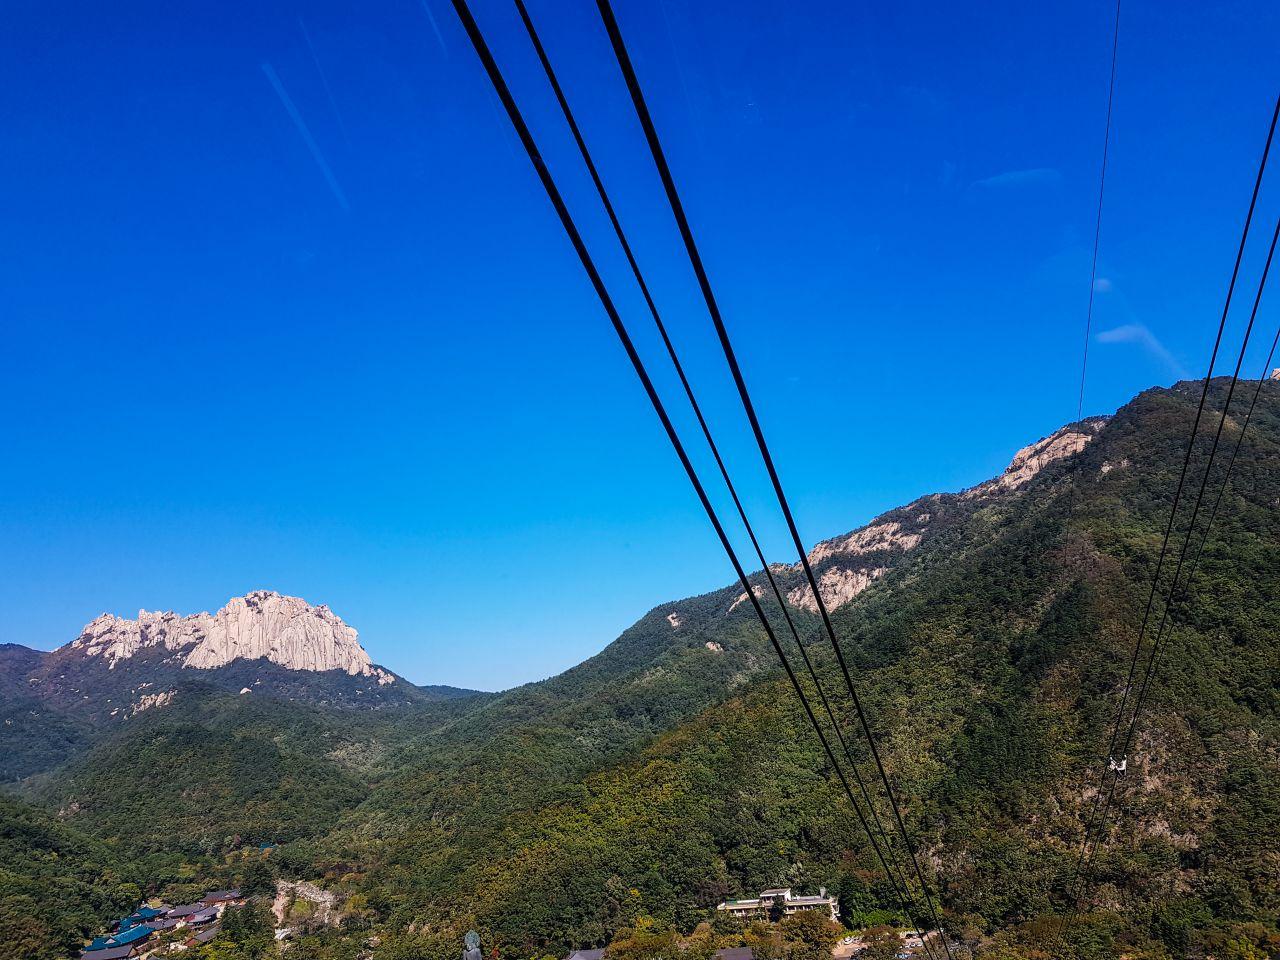 설악산 케이블카에서 바라본 울산바위-110134